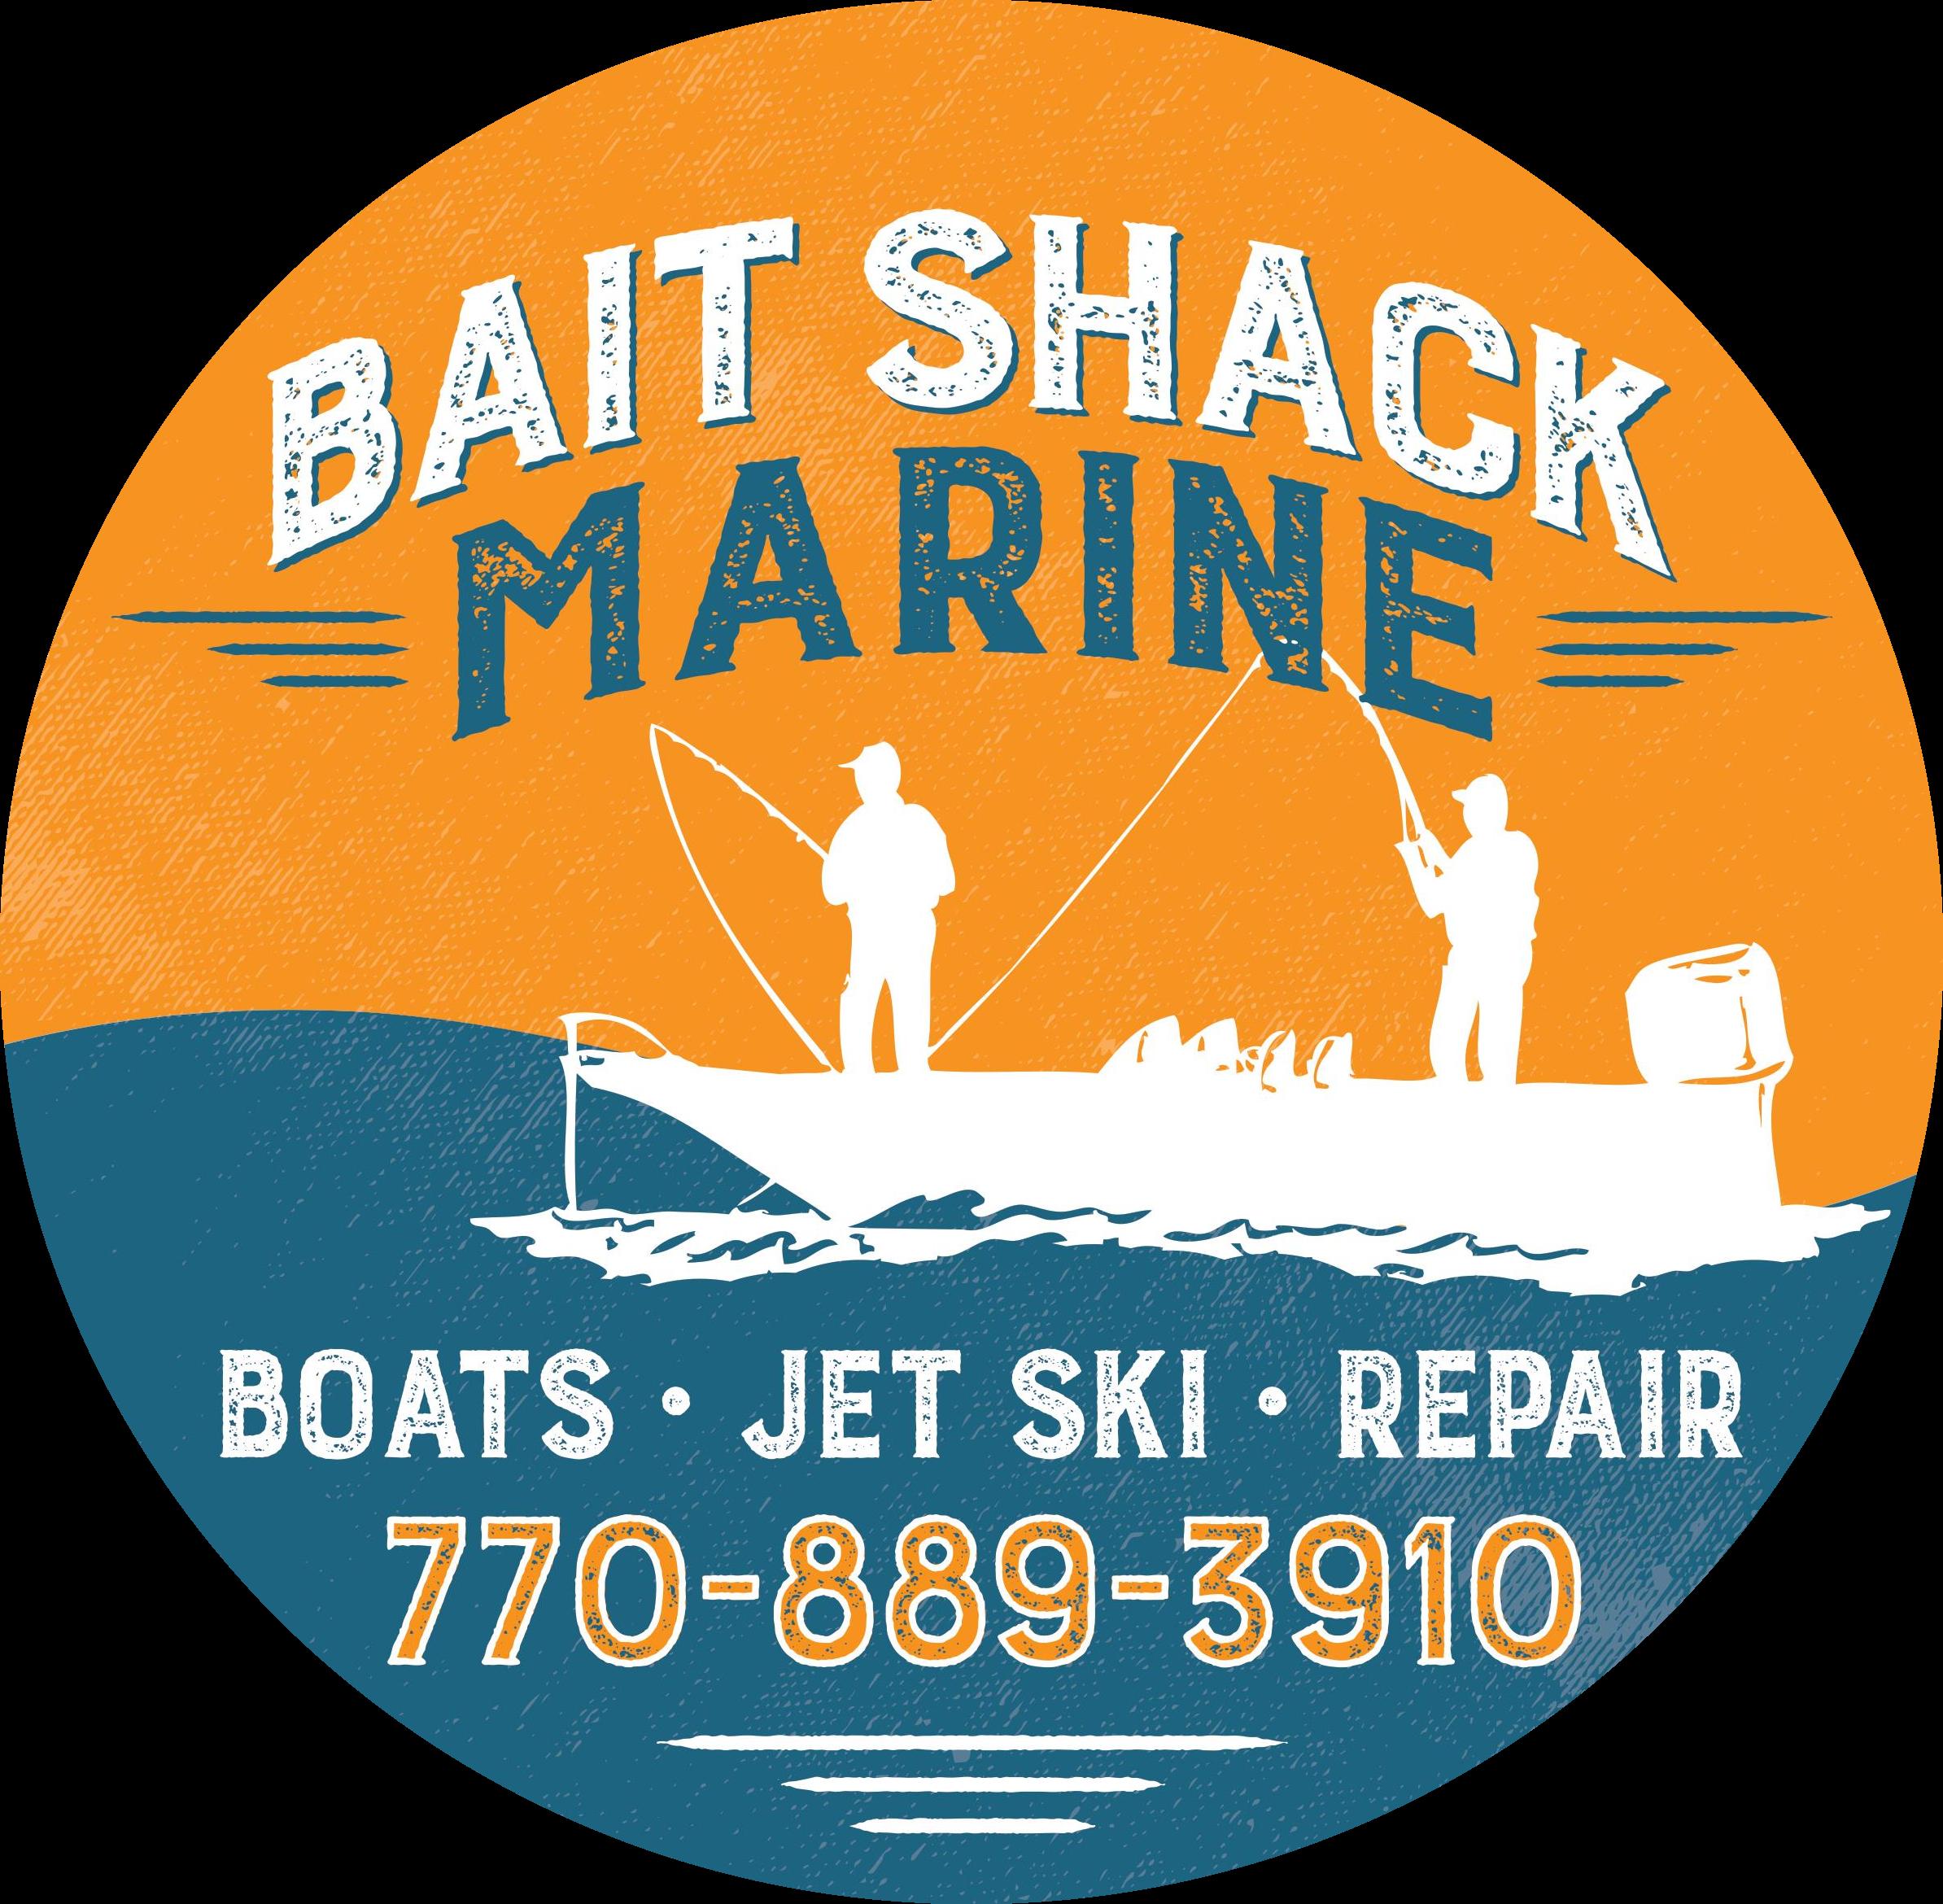 Bait Shack Marine